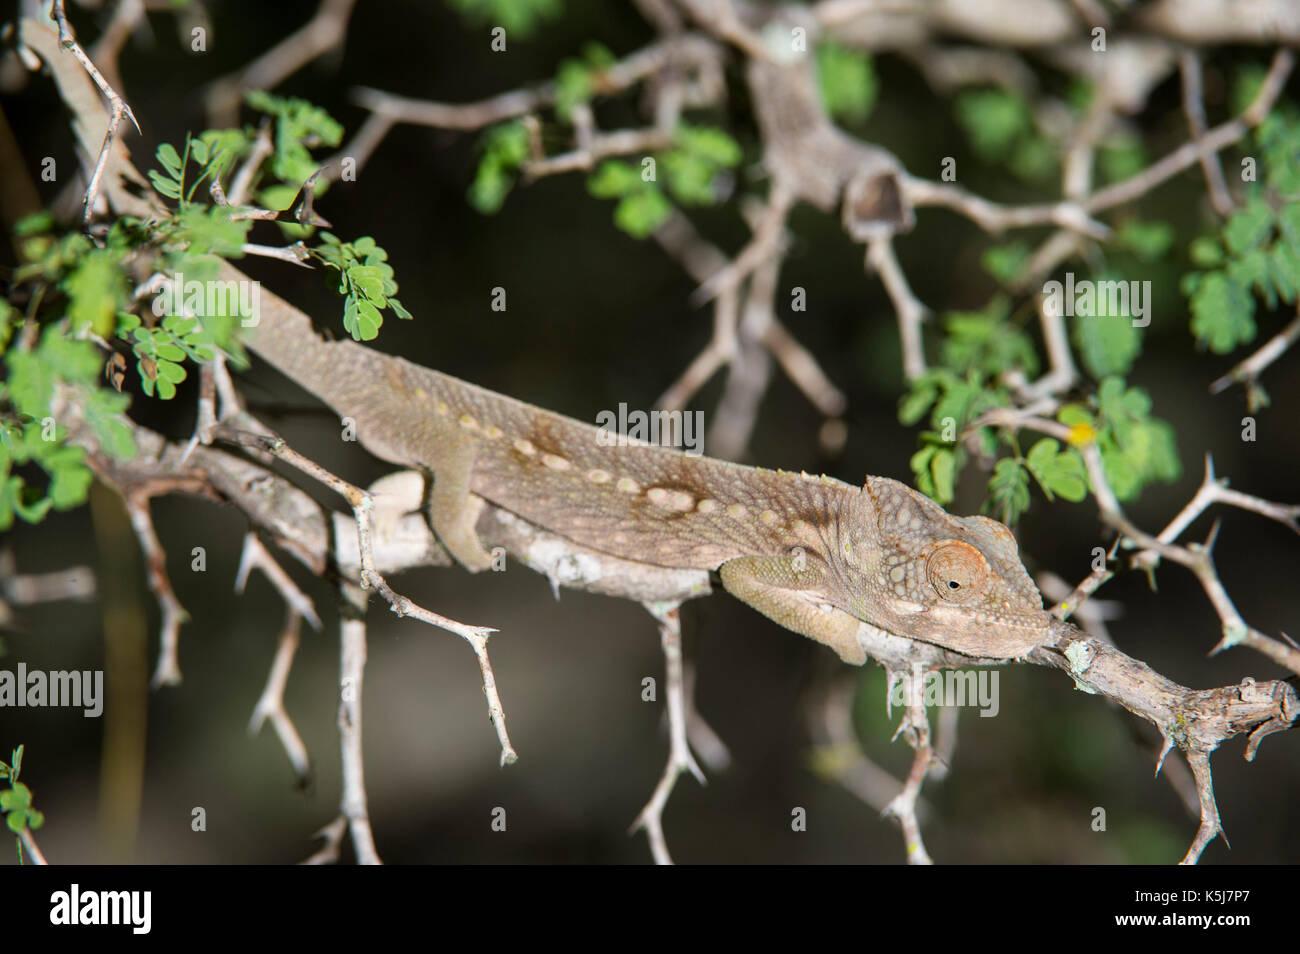 Warty chameleon, Furcifer verrucosus, Mandrare River Camp, Ifotaka Community Forest, Madagascar - Stock Image